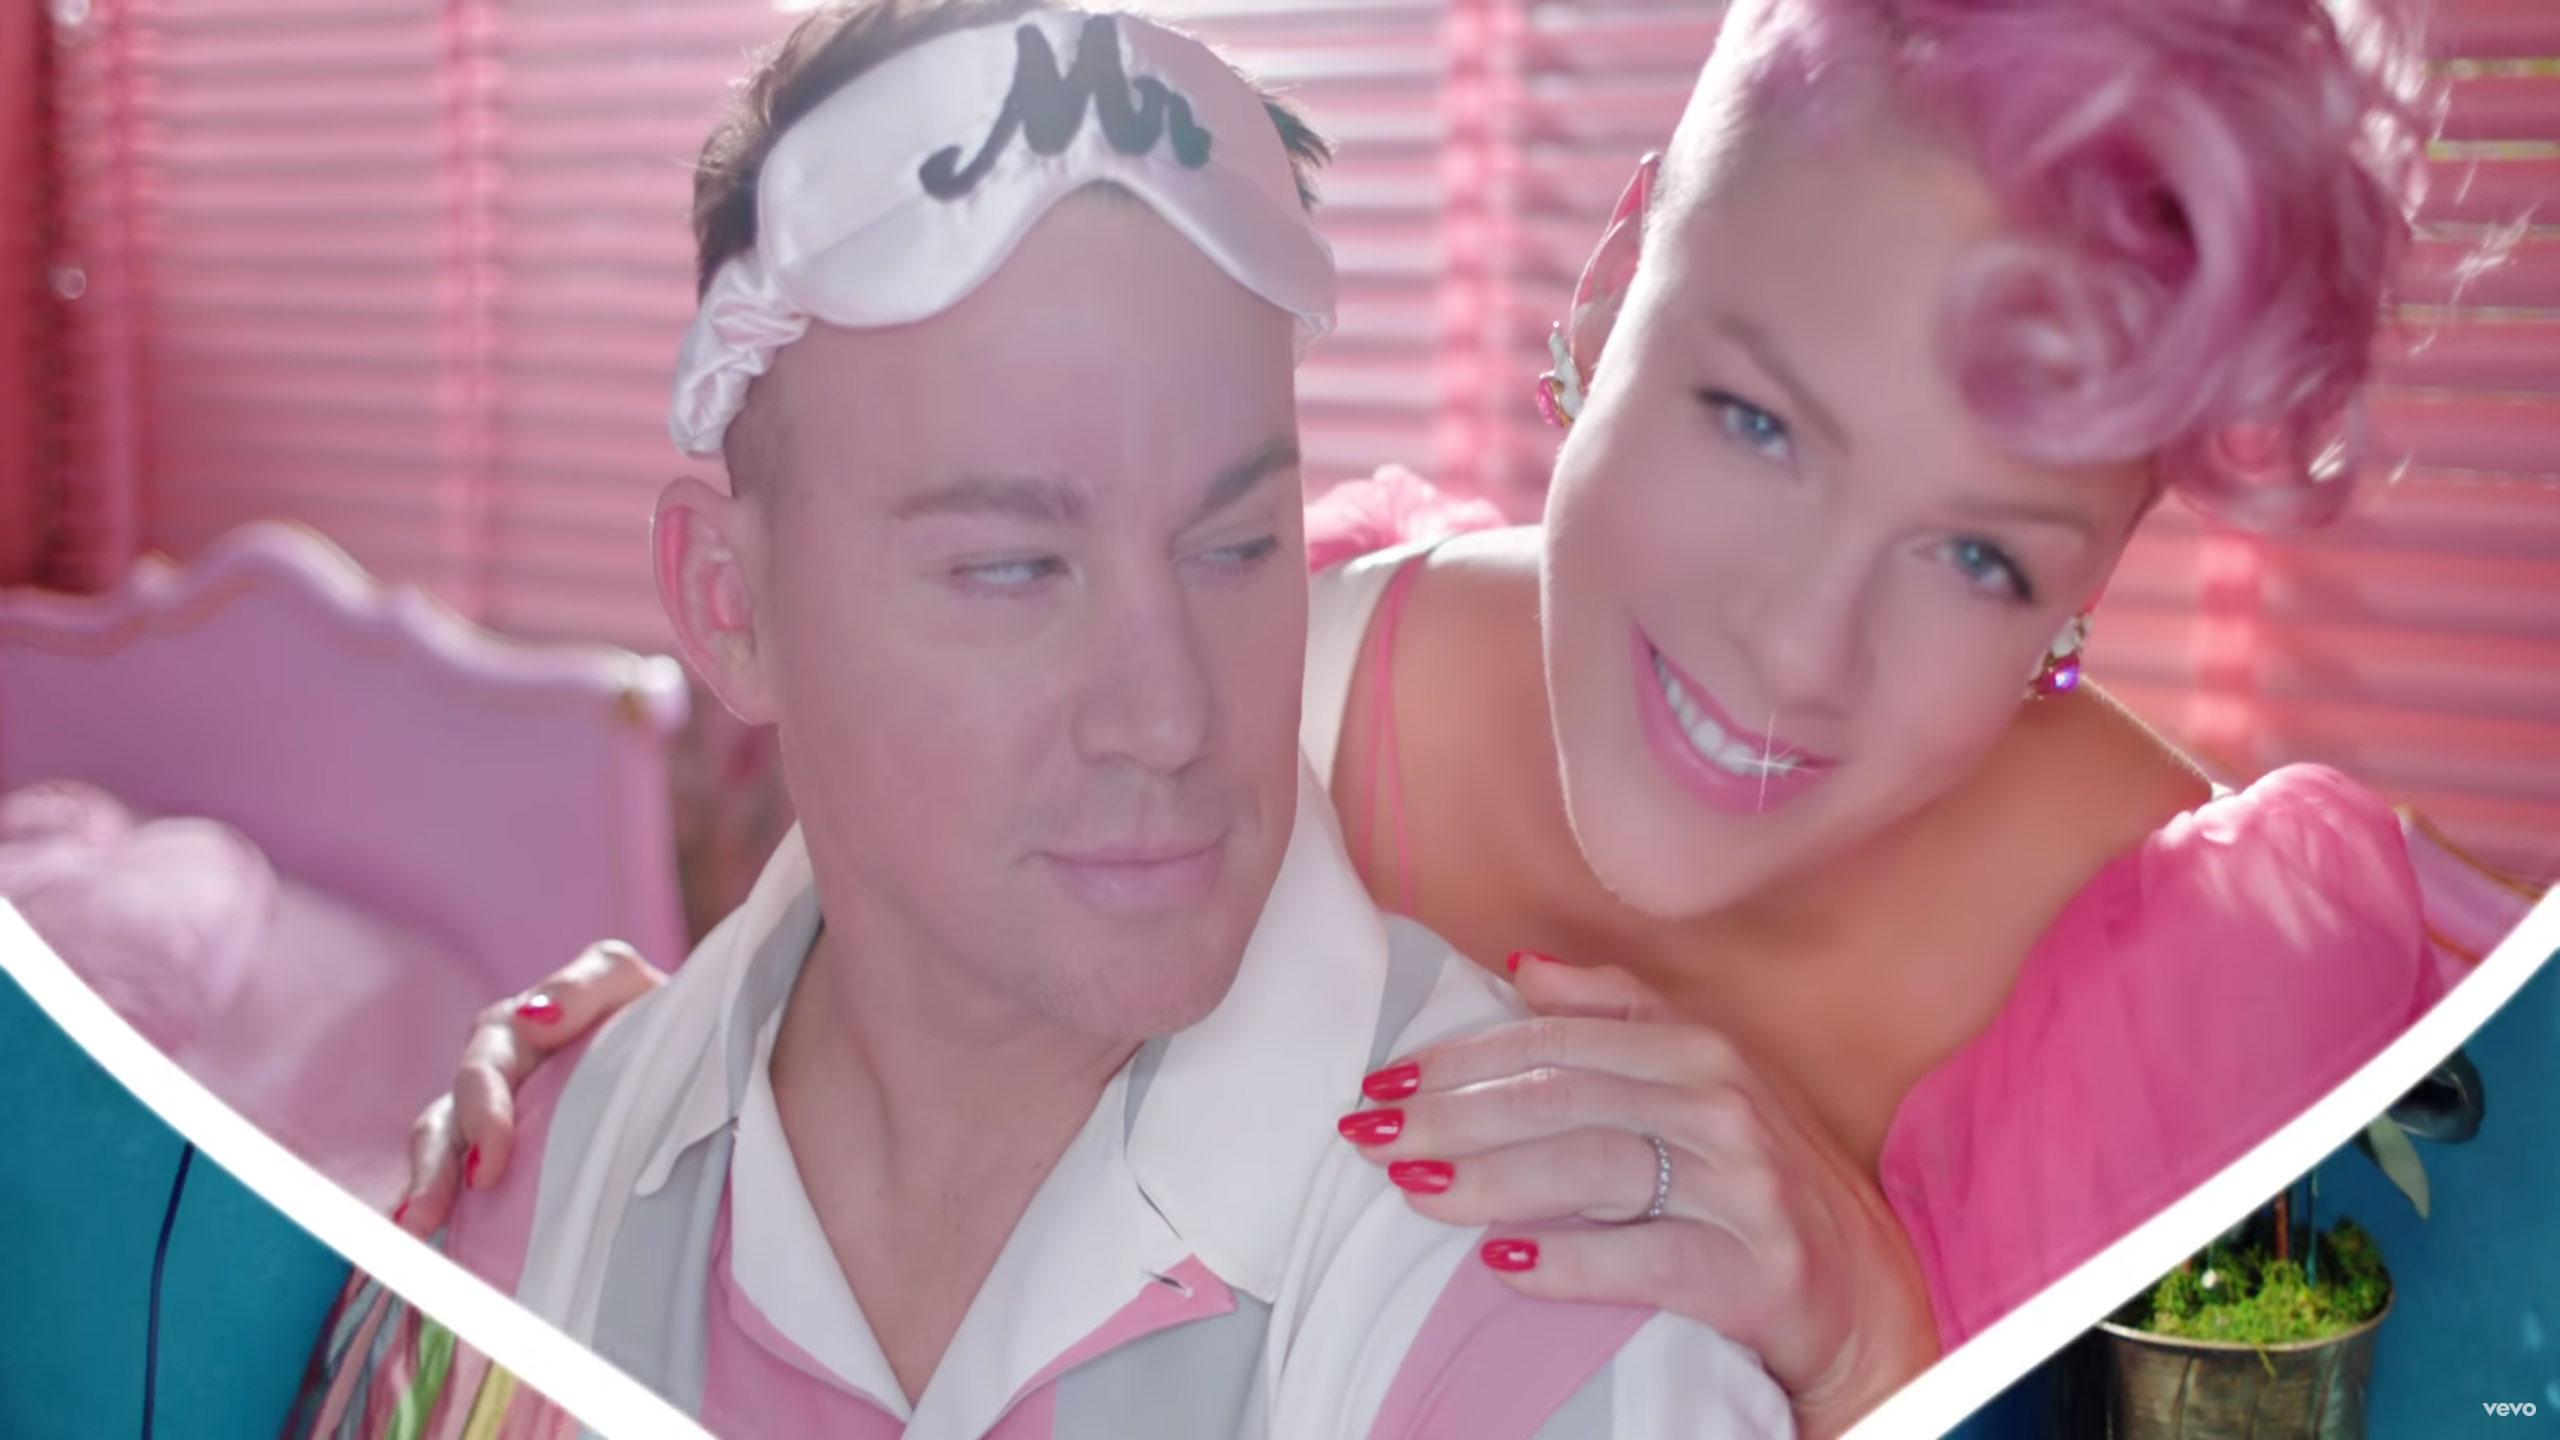 foto: 1 - Musas Pink e Anitta arrasam em seus novos clipes. Assista aqui